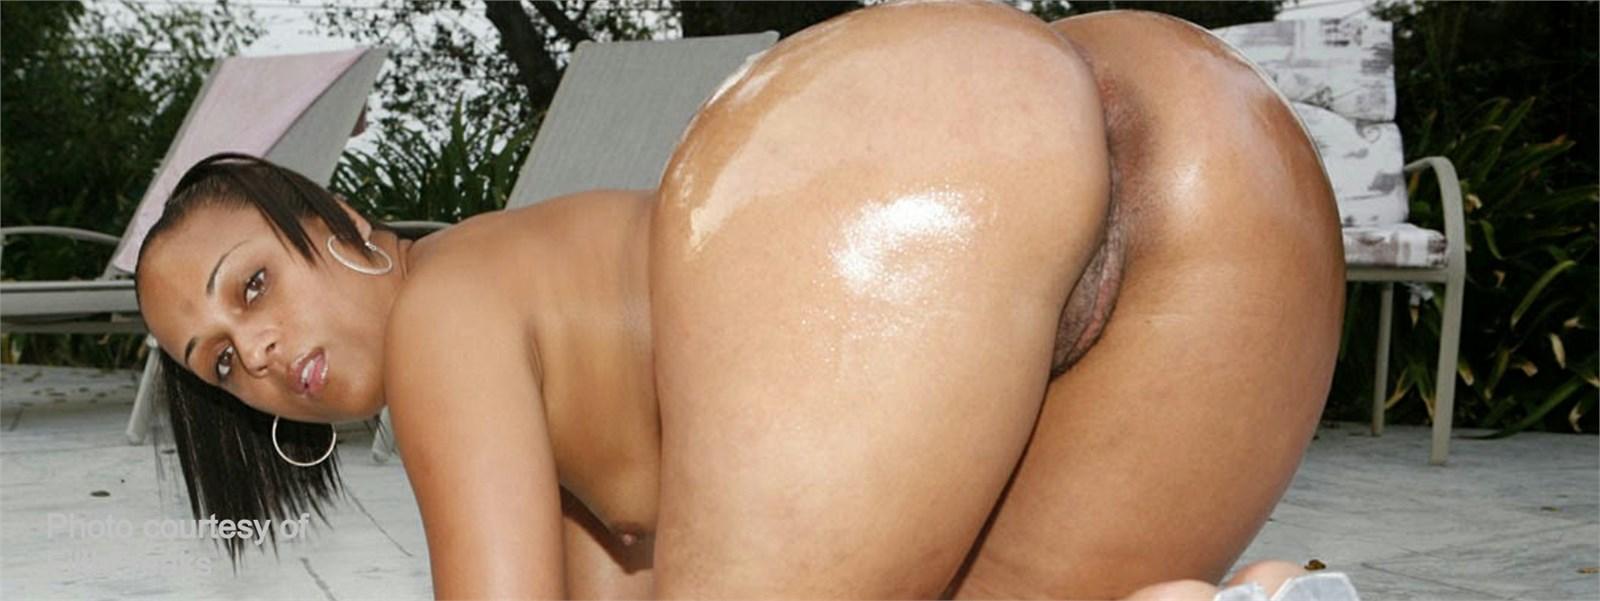 G ass mya